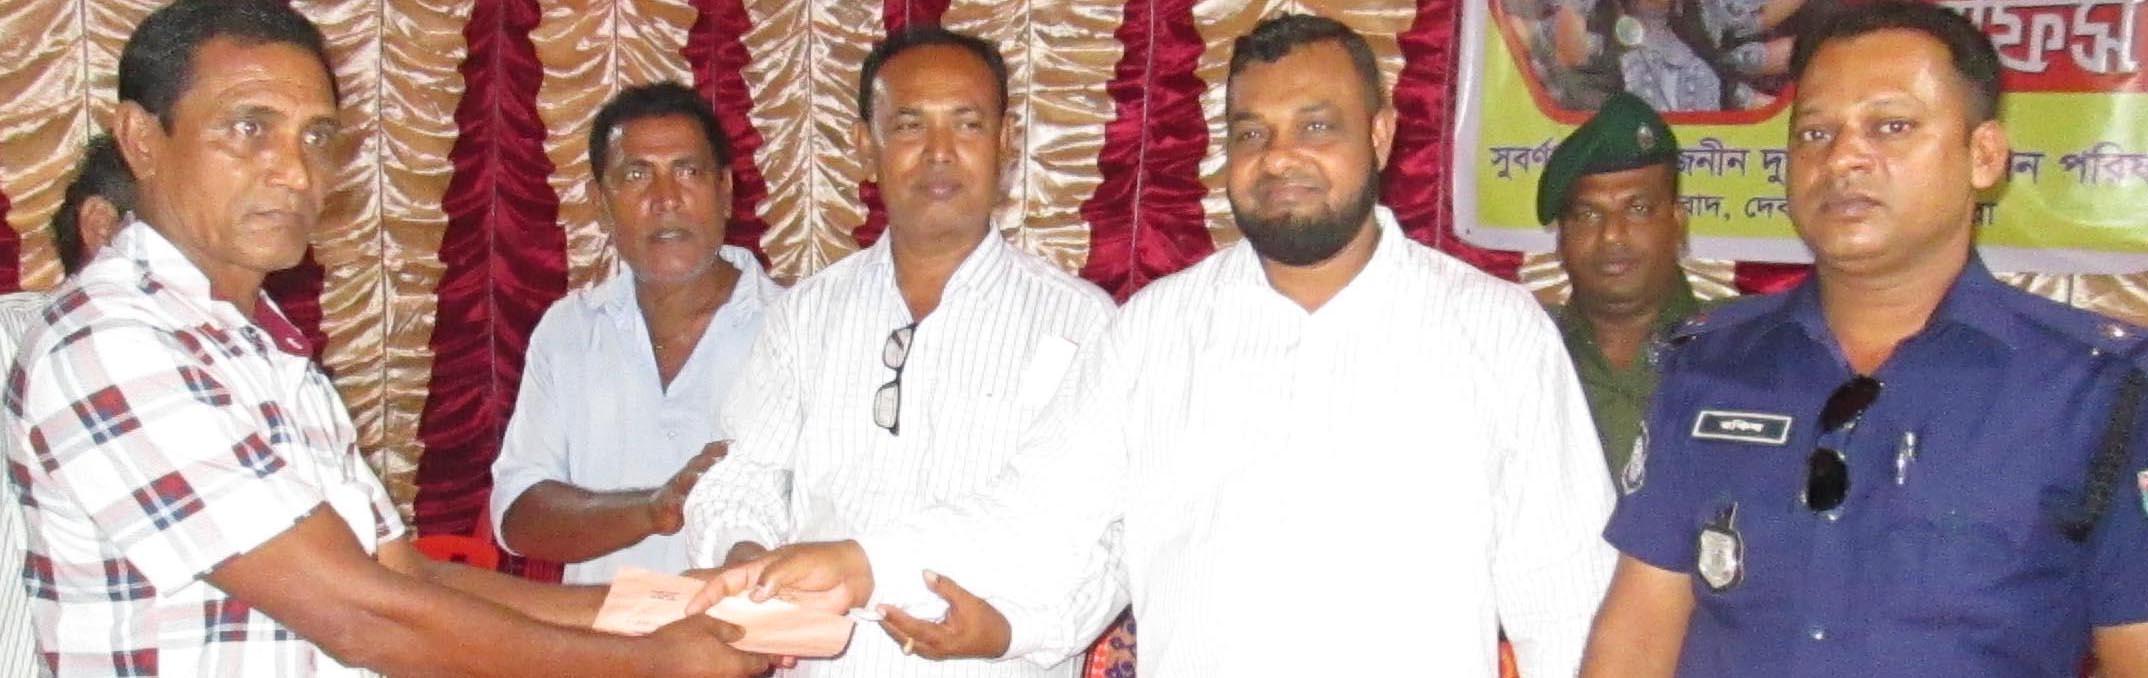 জেলা পরিষদ সদস্য আলফার দেবহাটার বিভিন্ন পূজামন্ডপ পরিদর্শন ও অনুদান প্রদান